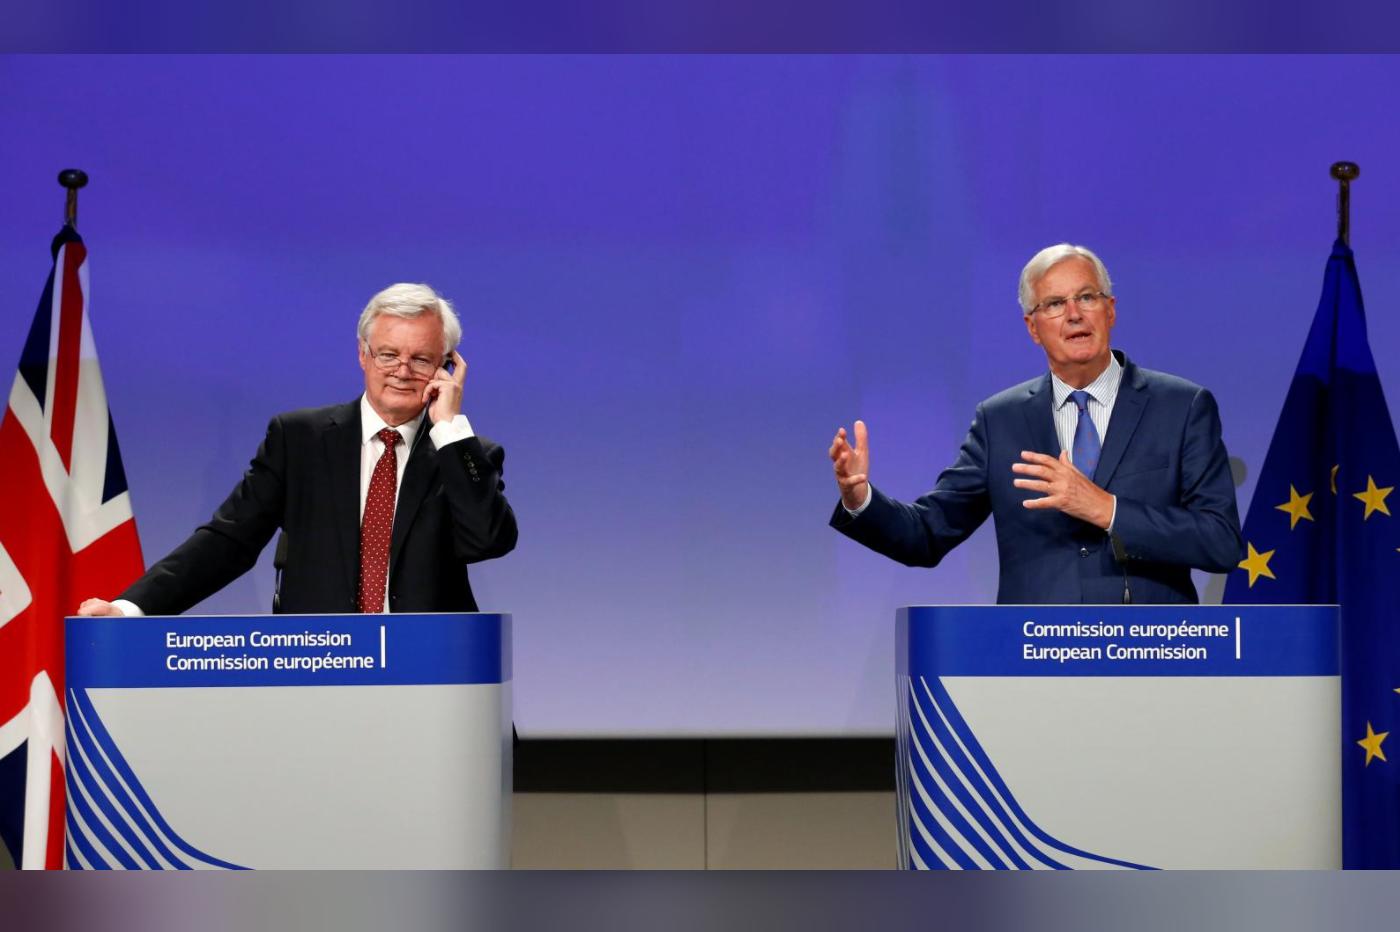 Anh tố giác bị Liên Âu tống tiền trong tiến trình rút khỏi Liên Âu